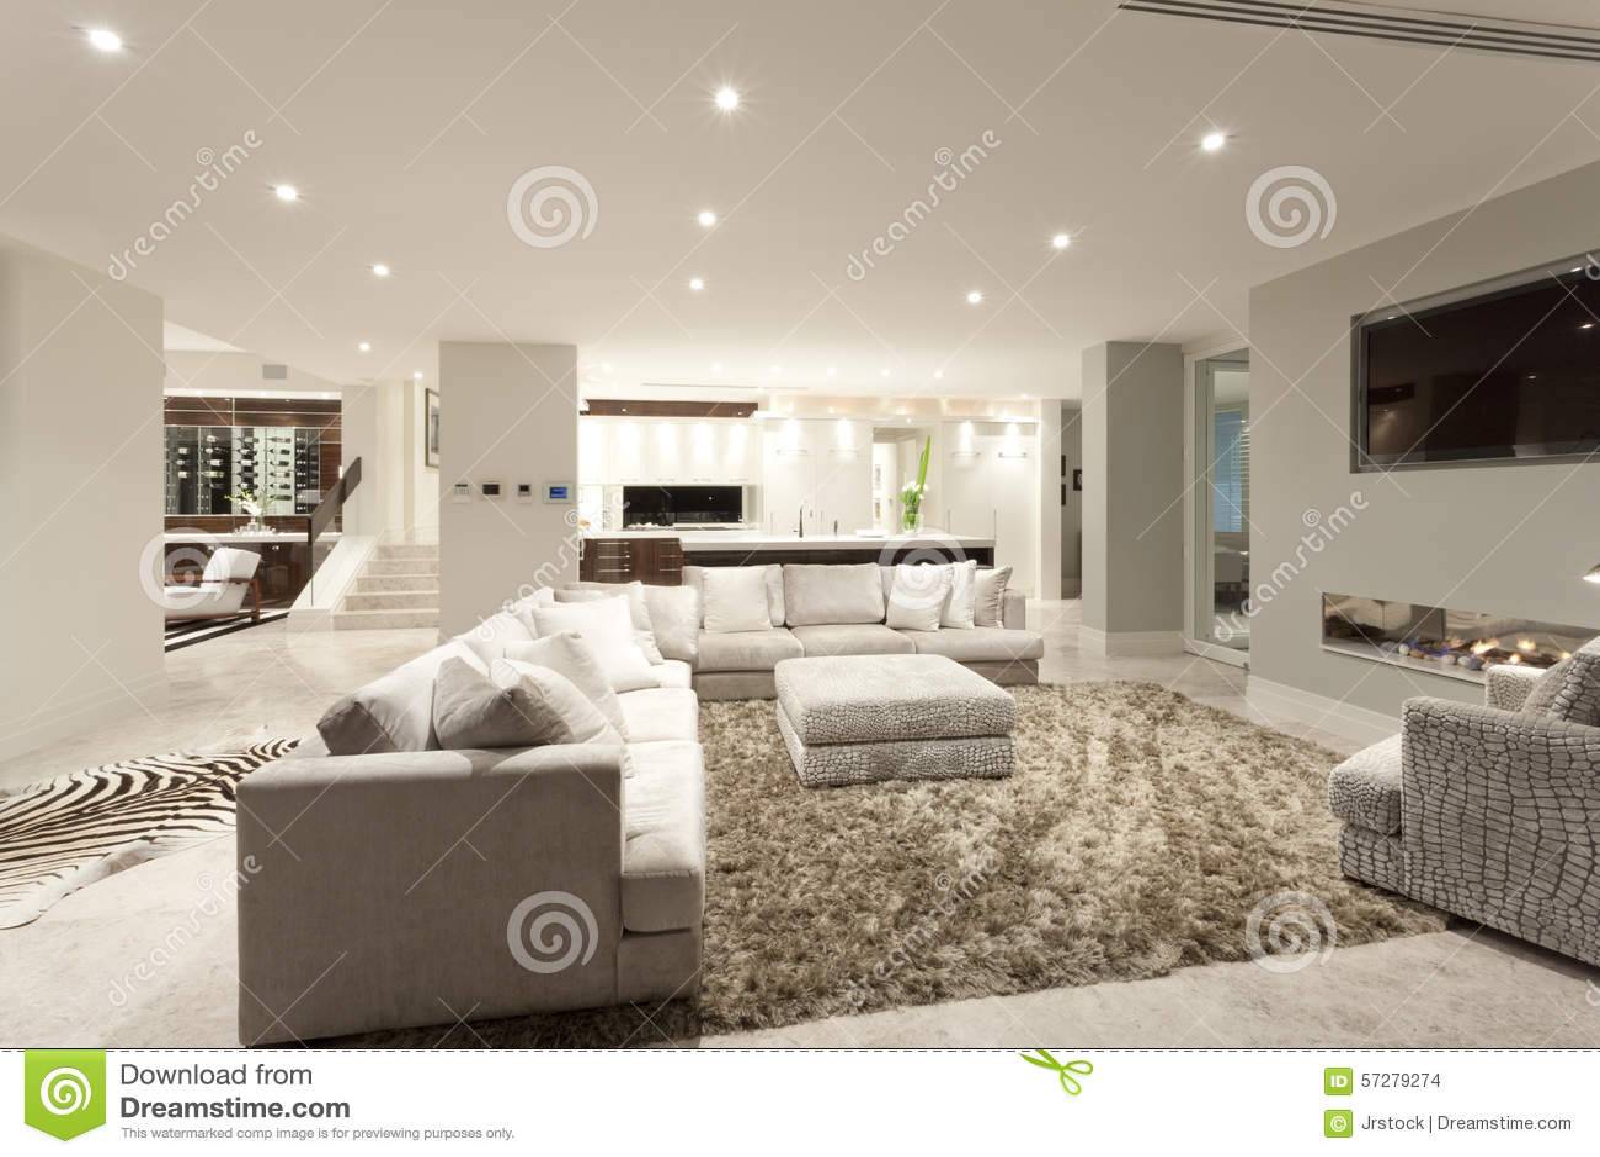 Rymlig vardagsrum med en stor matta arkivfoto   bild: 57279274